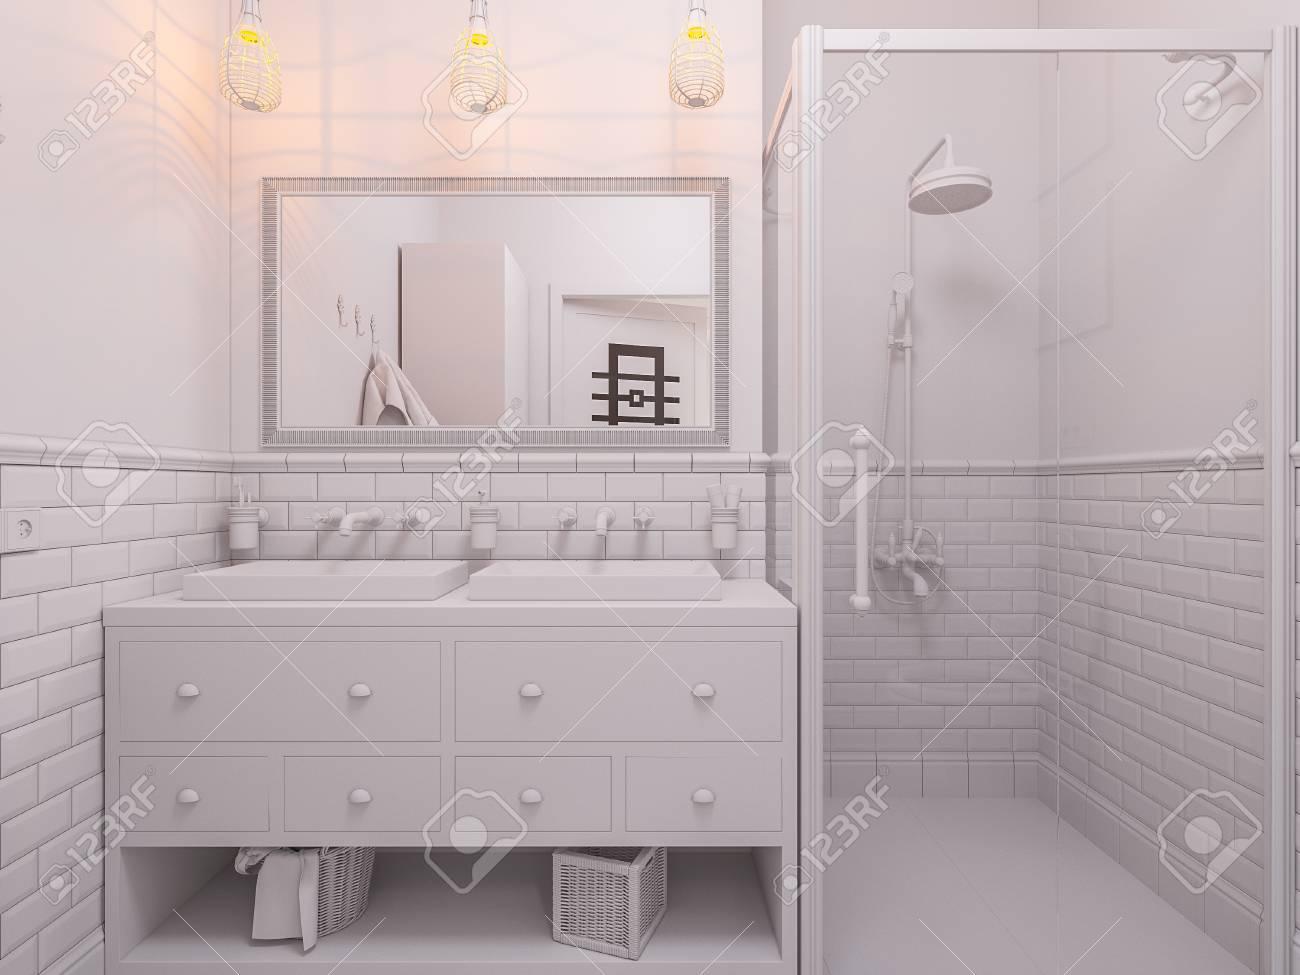 3d Illustration Of A Design Bathroom Interior In Classic ...